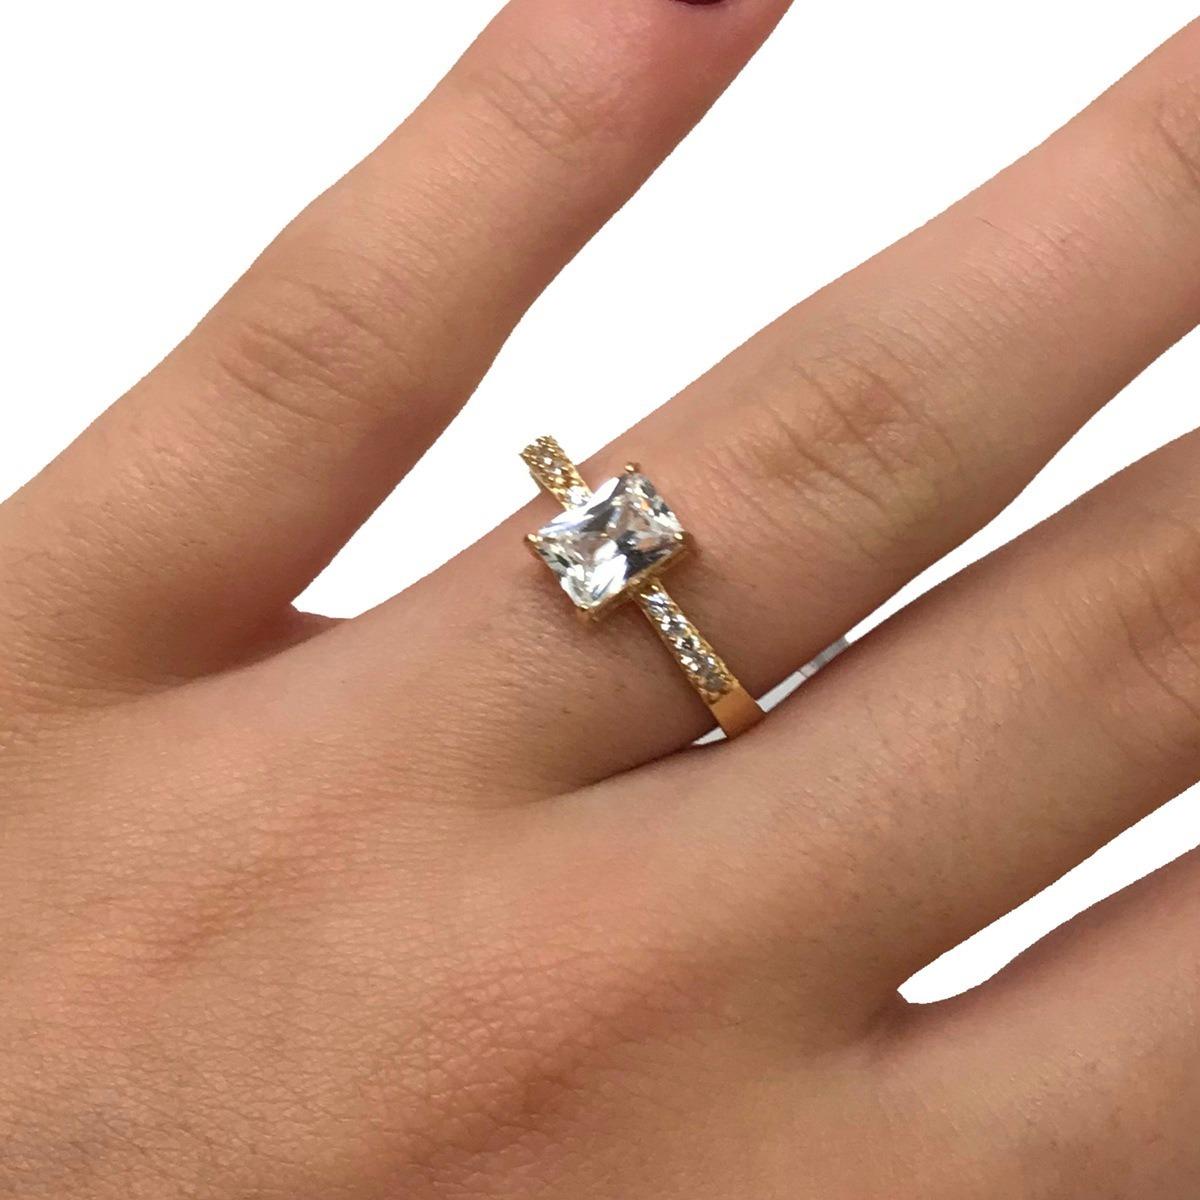 53b152f6bfcd3 anel feminino solitário brilhante retangular ouro 18k 23746. Carregando  zoom.